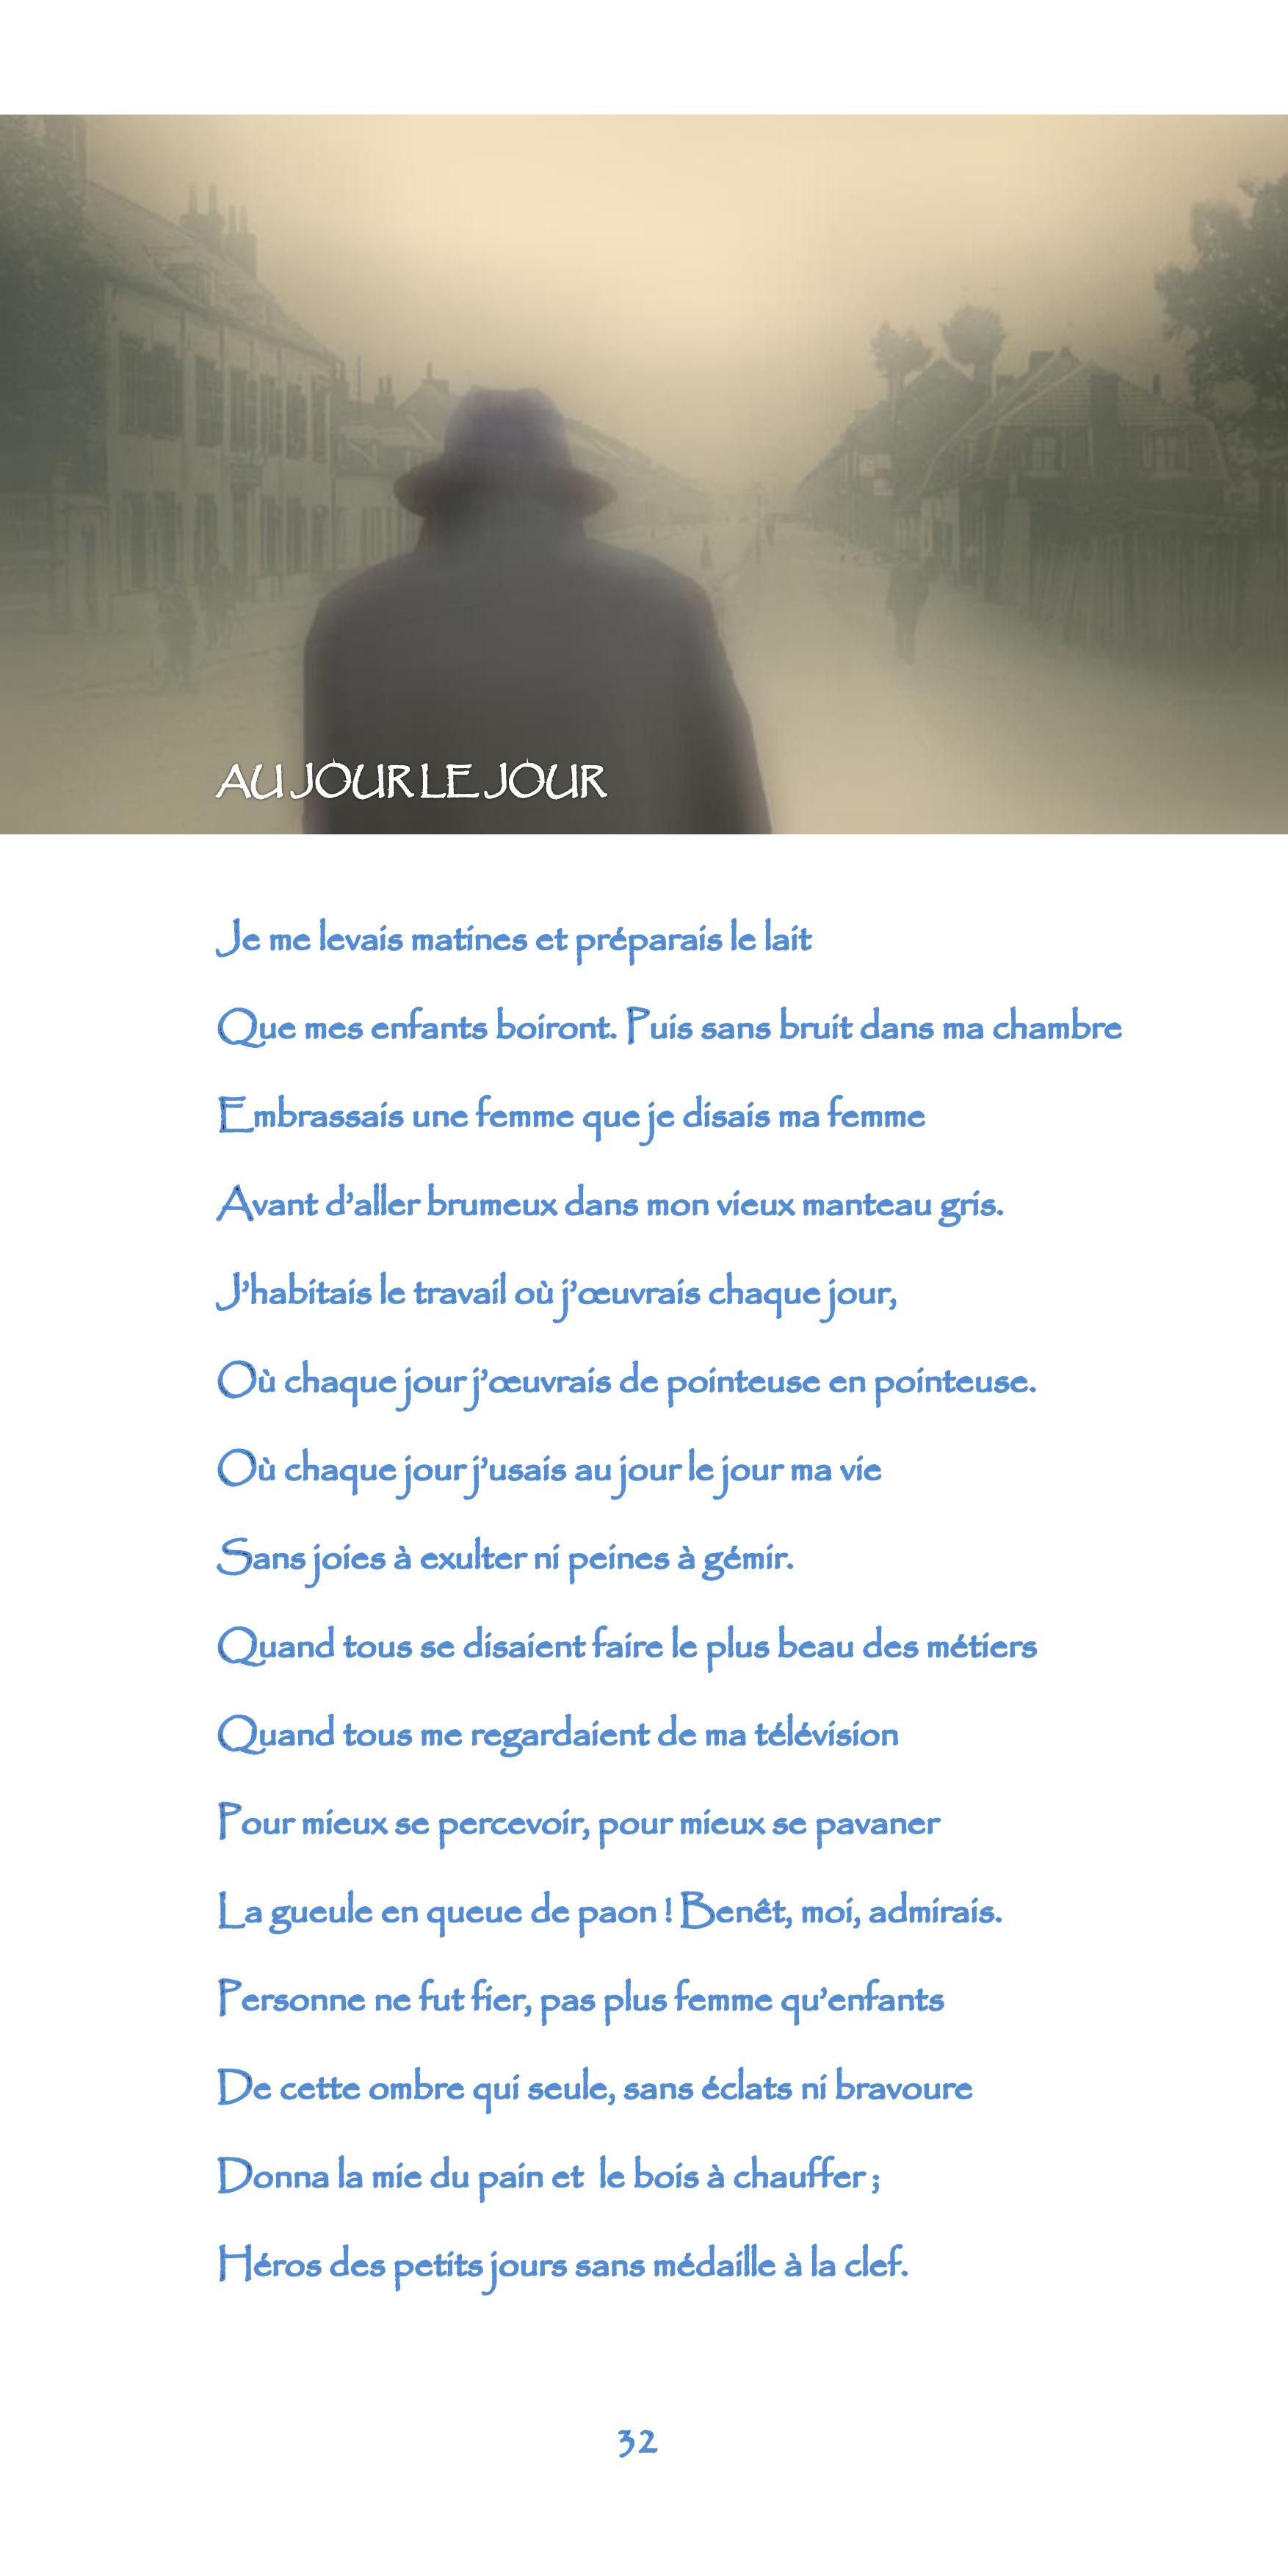 32-nègre_bleu-au_jour_le_jour.jpg